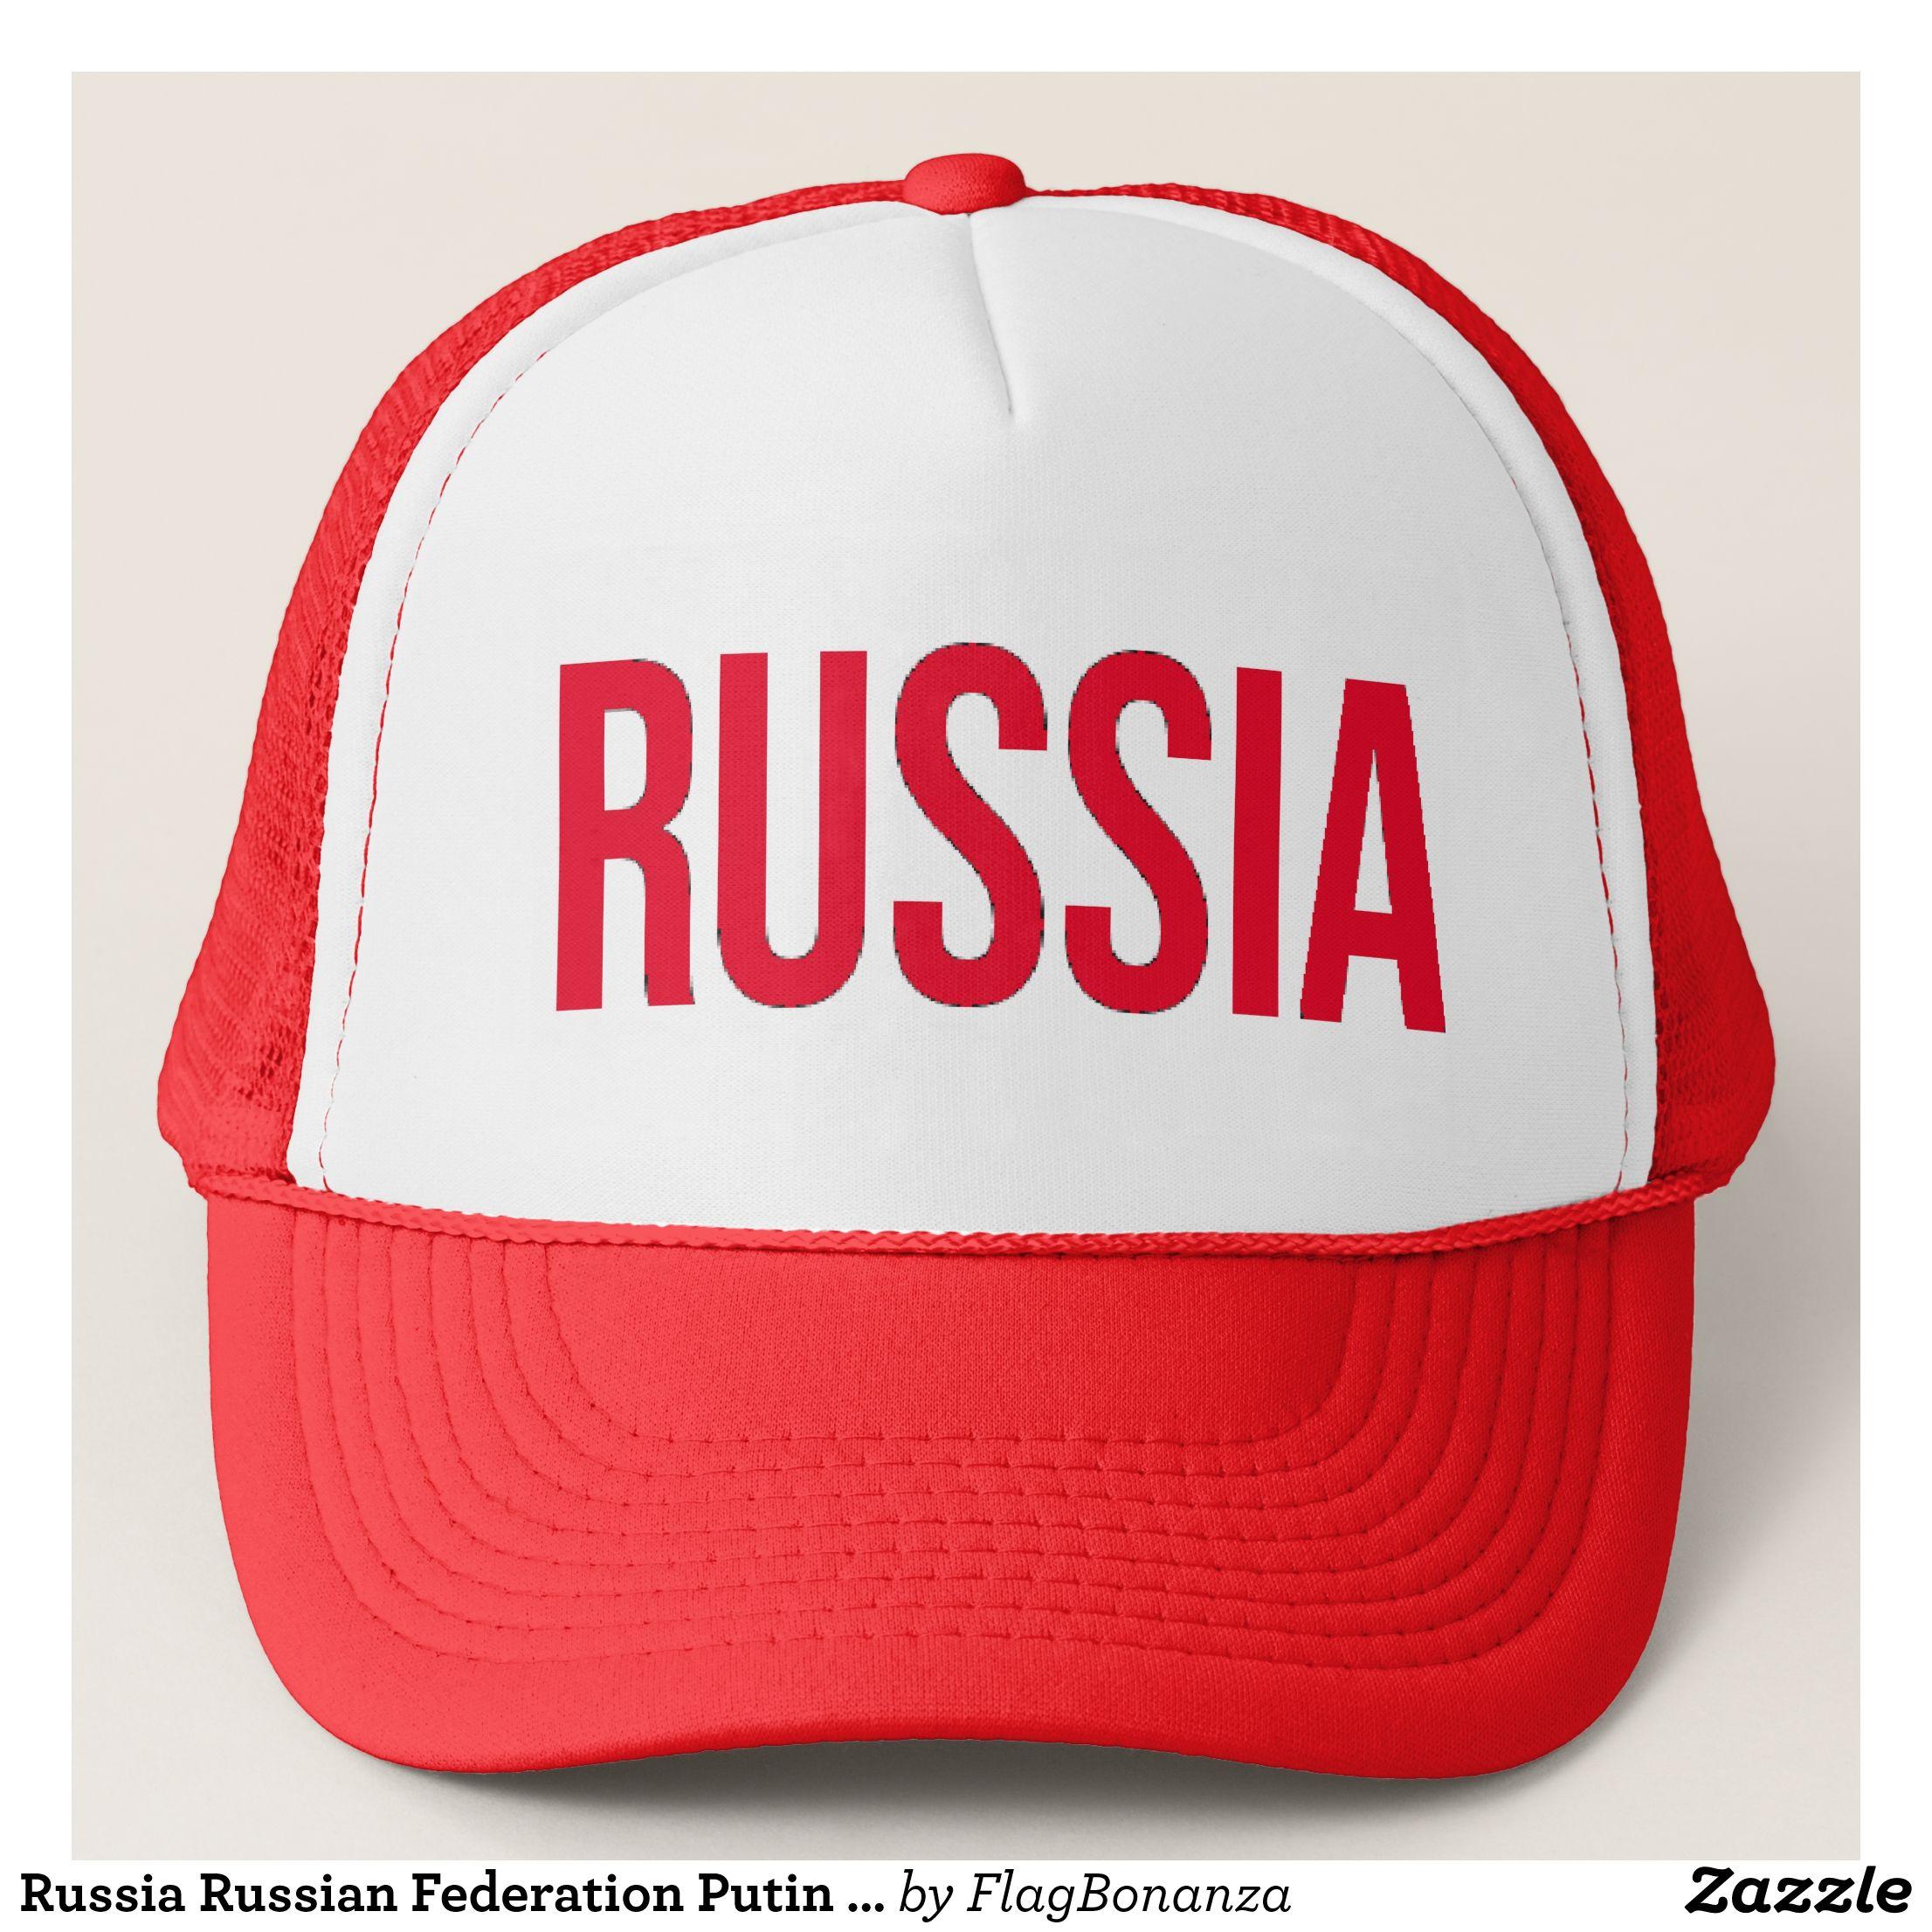 c82453fb96211 Russia Russian Federation Putin KGB Россия Русский Trucker Hat ...